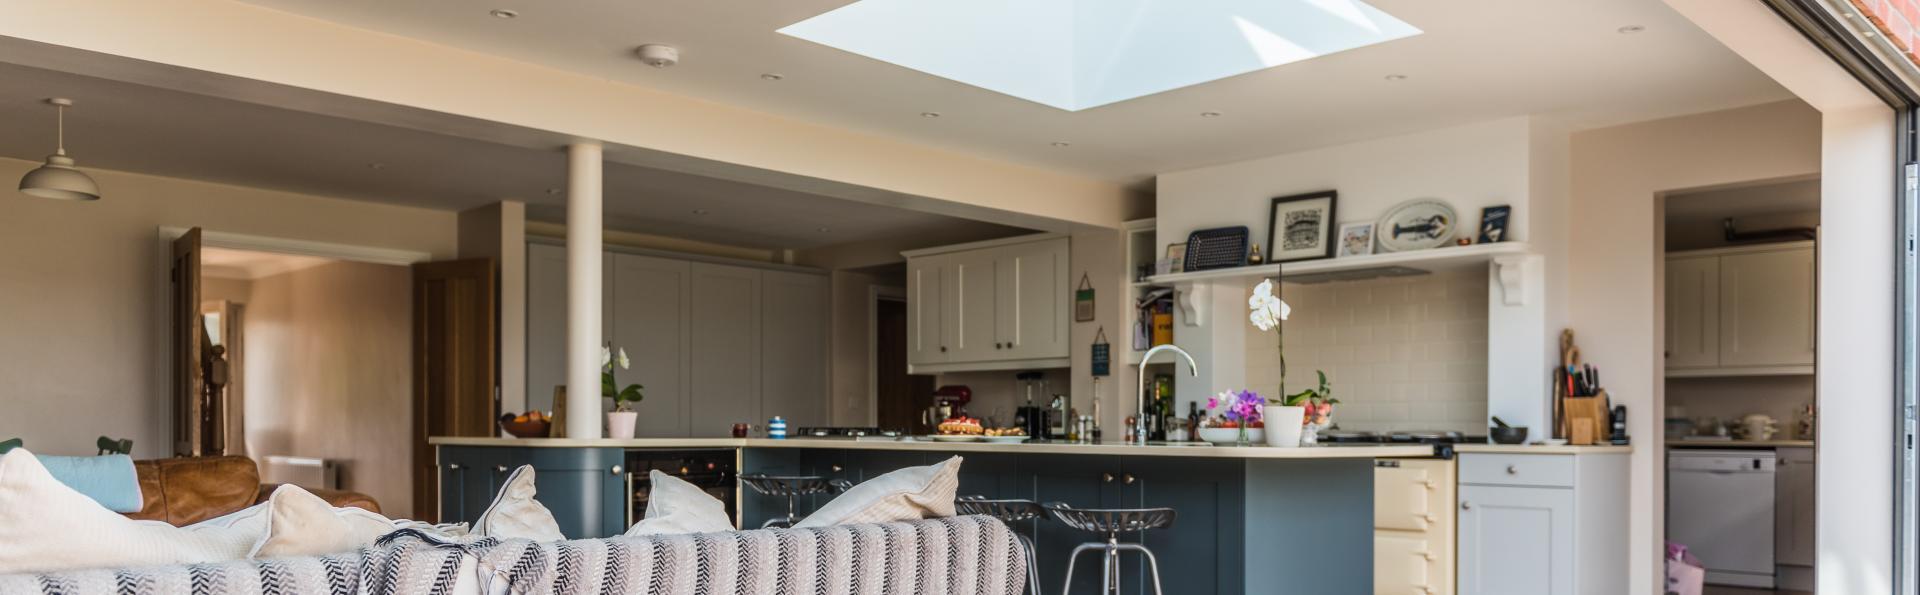 lantern roofing in a North devon kitchen